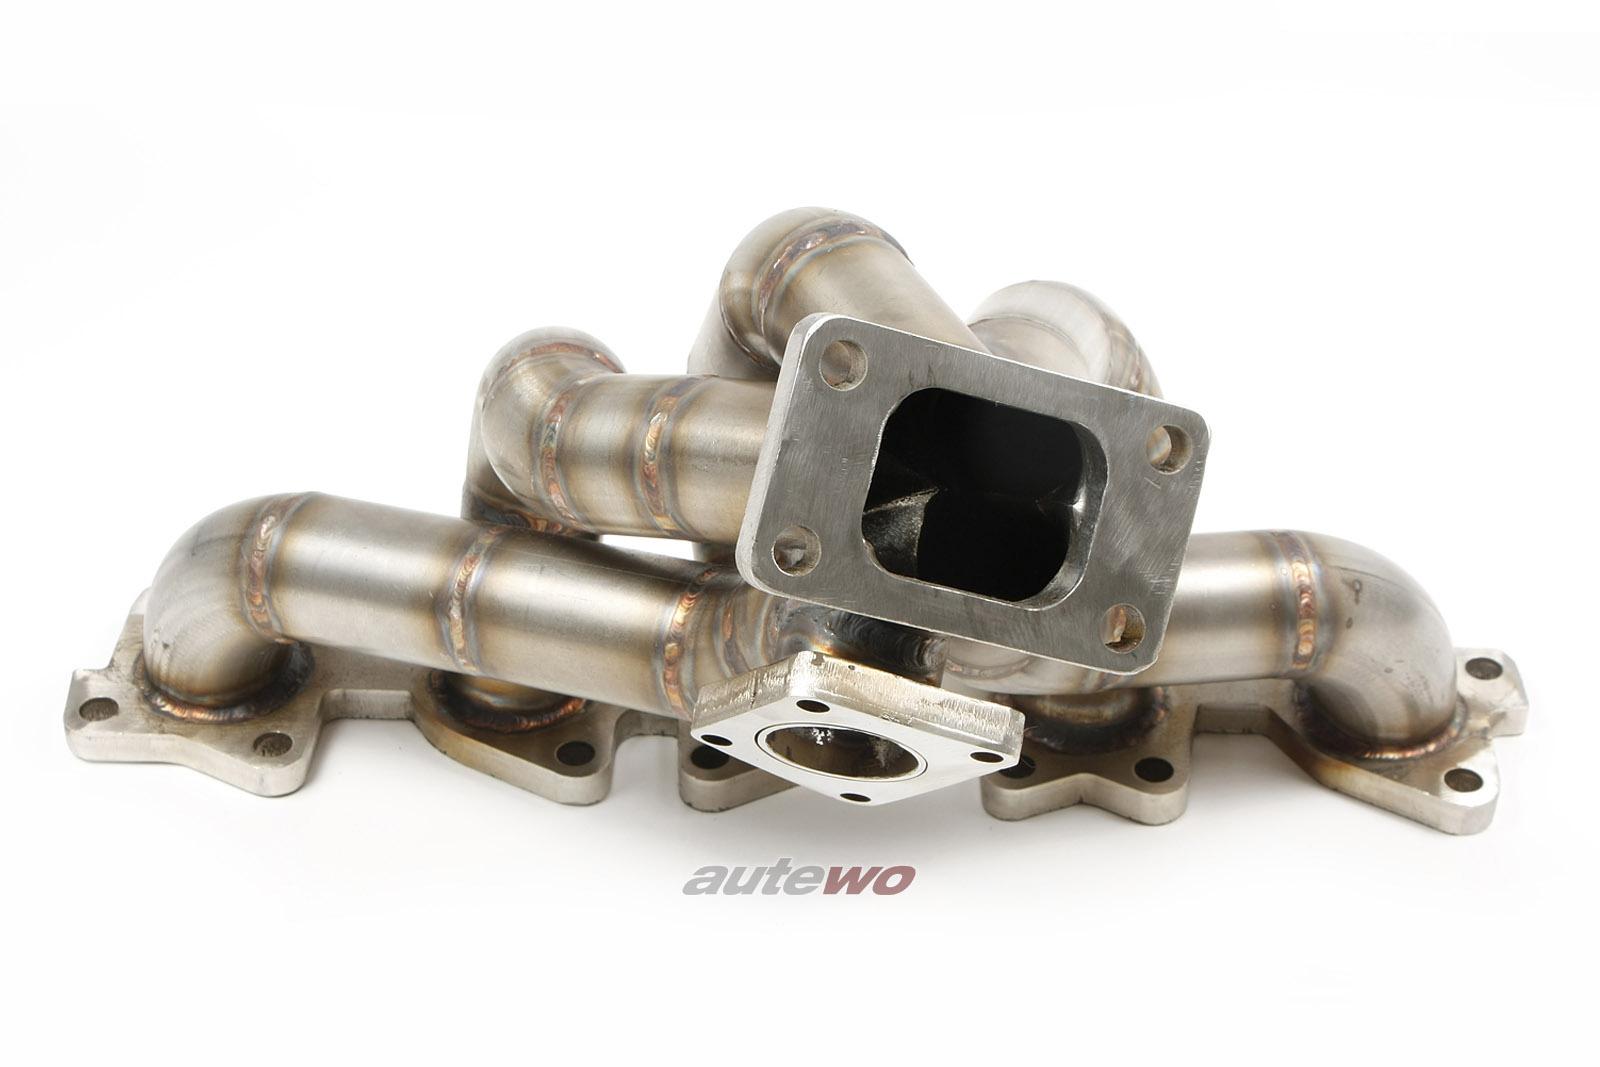 NEU Audi S2/RS2/S4/S6 C4/Urquattro 20V 2.2l 20V Turbo Rohrkrümmer T3-Flansch